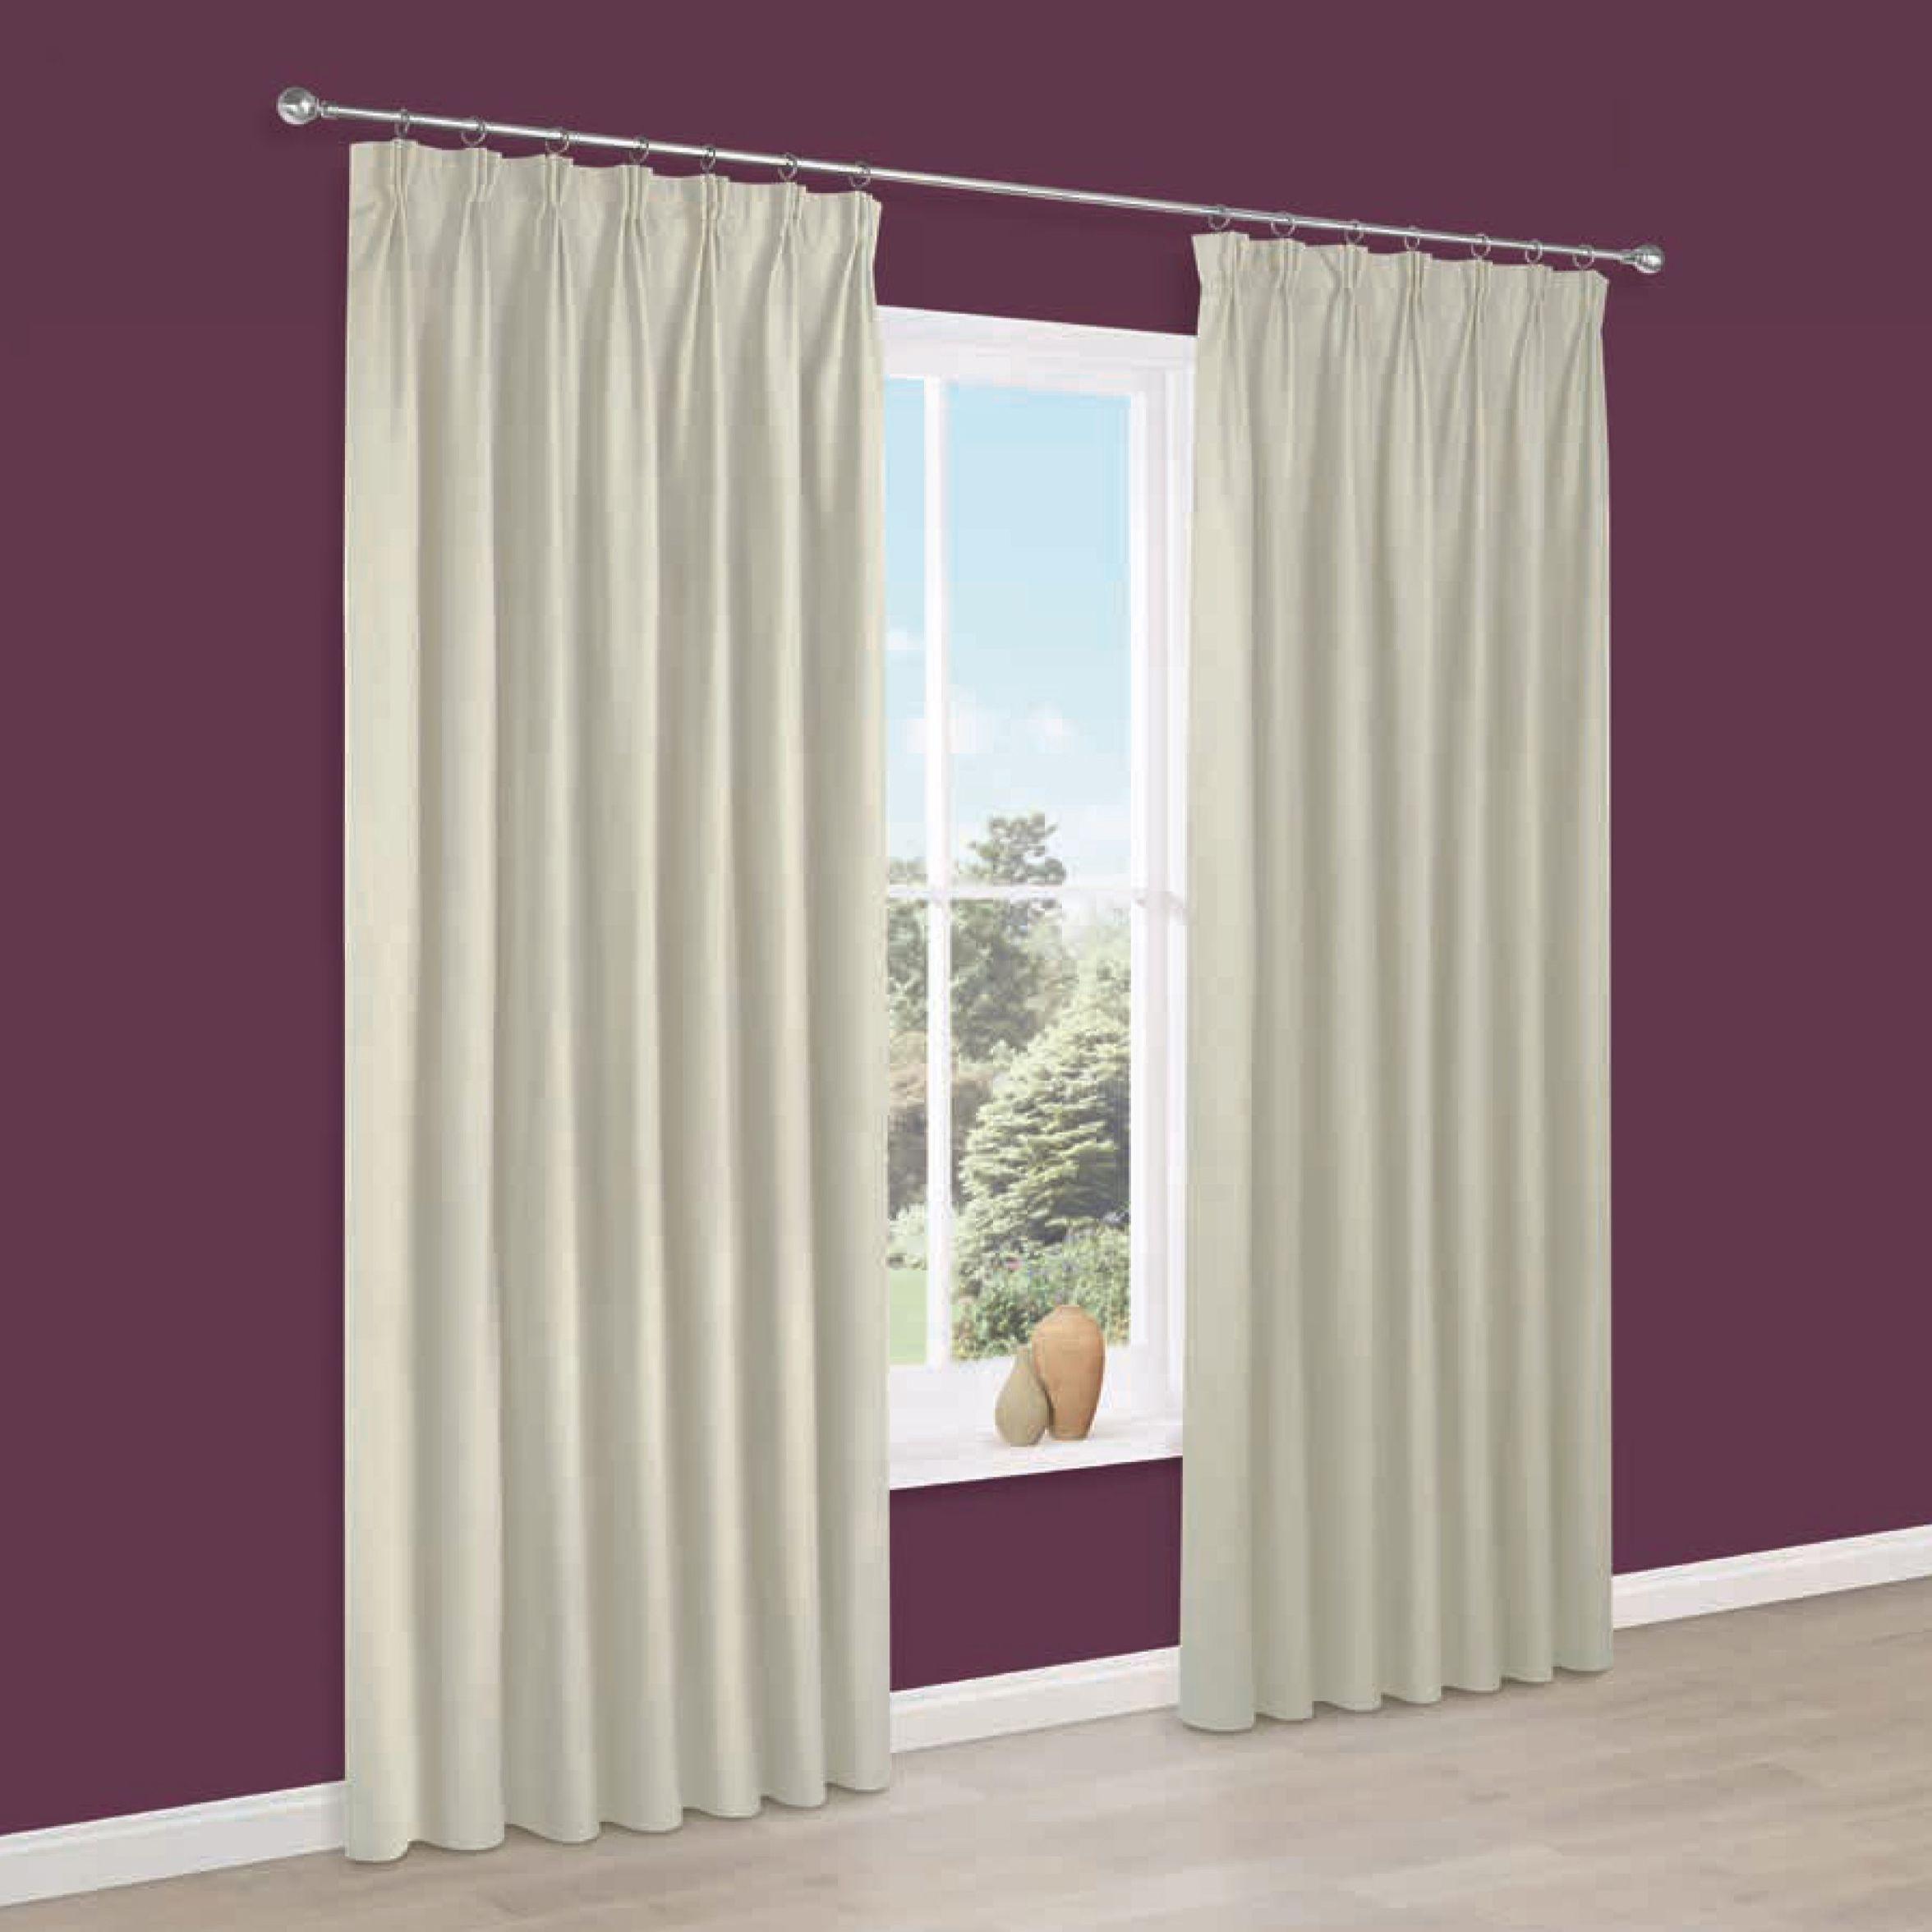 Prestige Cream Plain Pencil Pleat Lined Curtains (w)228 Cm (l)228 Cm